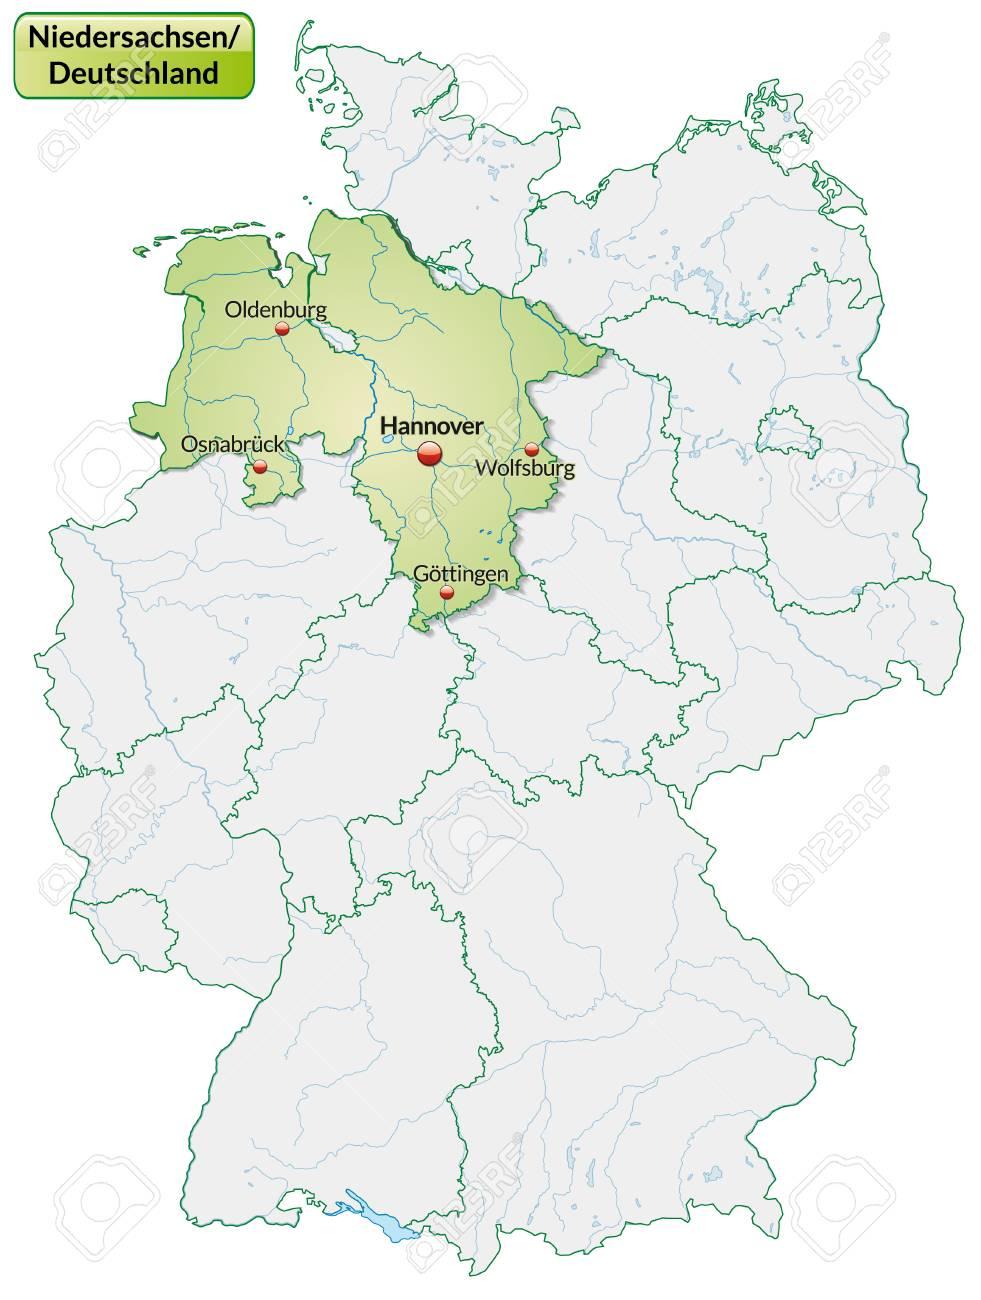 Niedersachsen Karte Mit Städten.Stock Photo